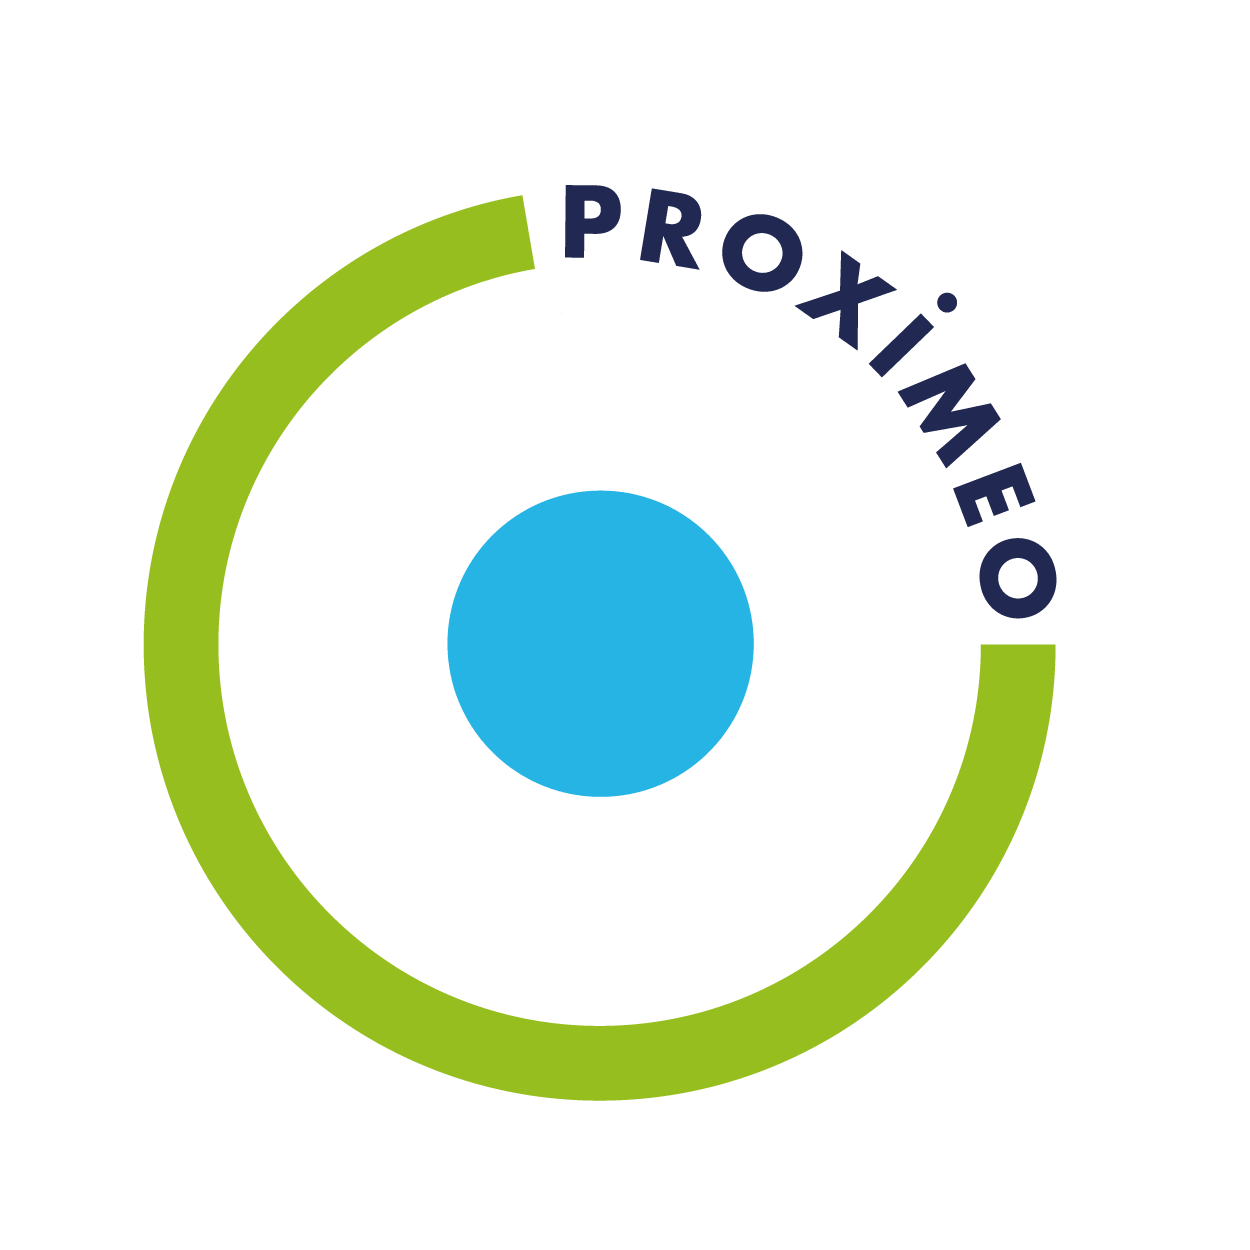 PROXIMEO